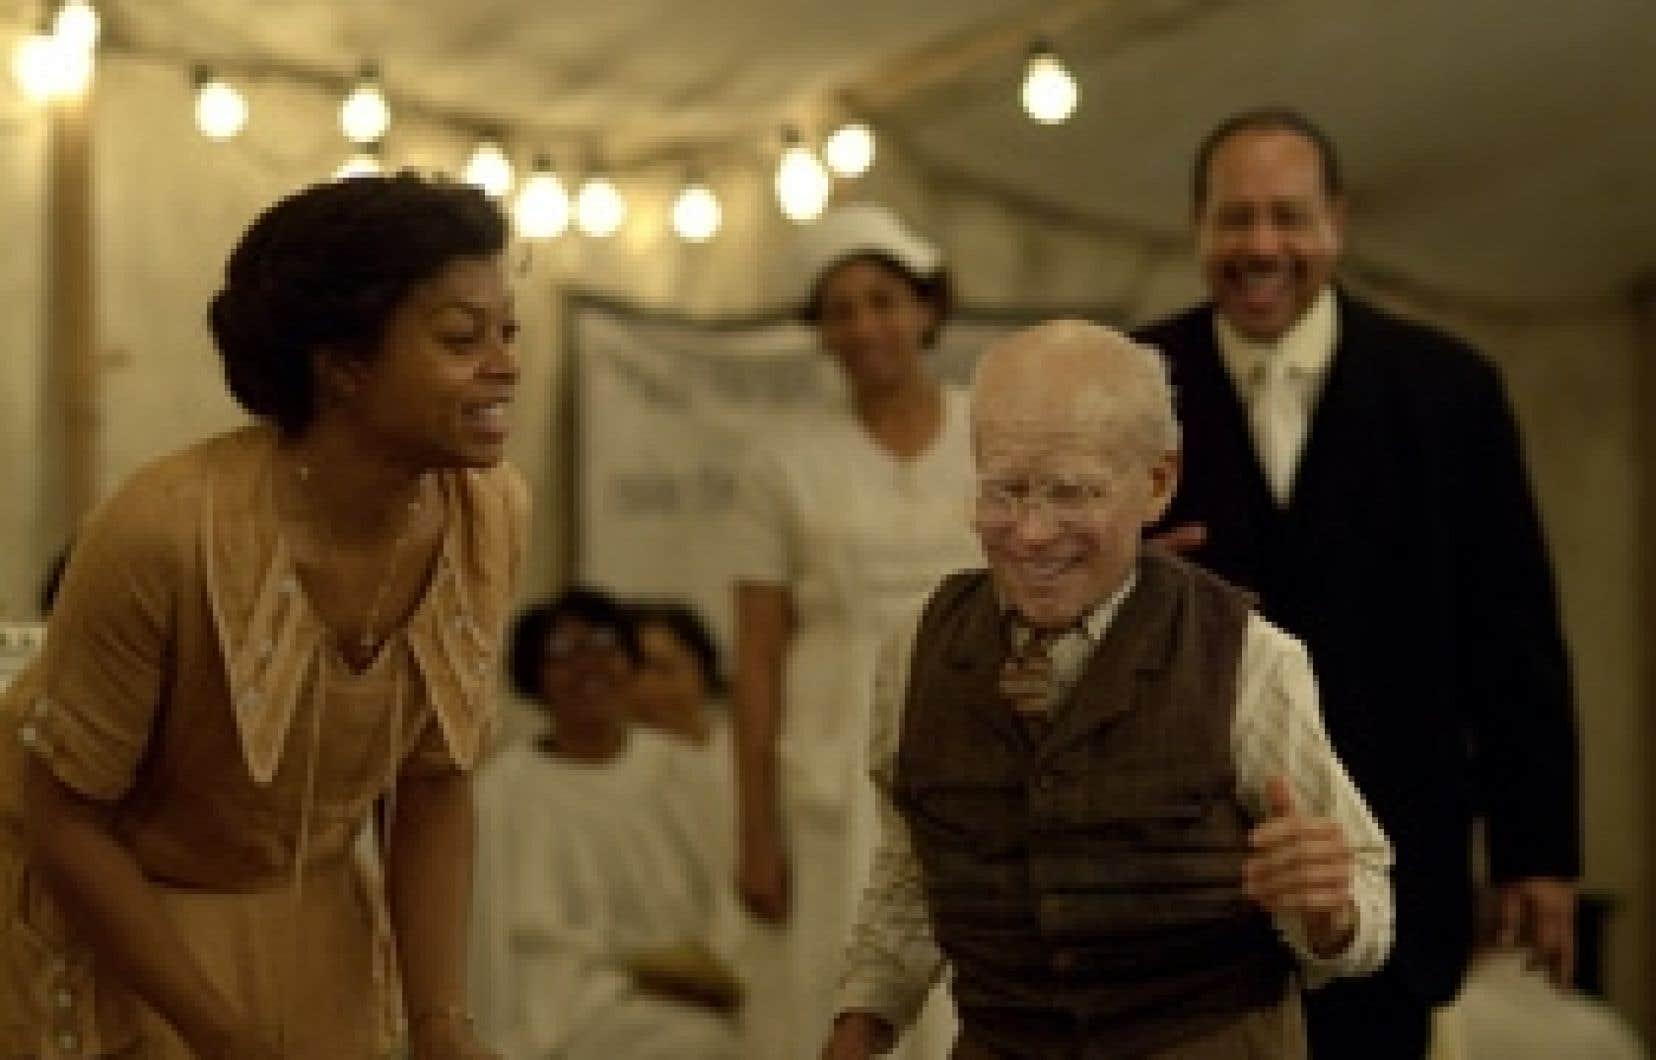 Dans The Curious Case of Benjamin Button, le héros naît vieillard et rajeunit à mesure que le temps passe. Dans le rôle-titre, Brad Pitt est formidable, surtout dans la première partie, où seuls ses yeux confirment qu'il s'agit bien de lui